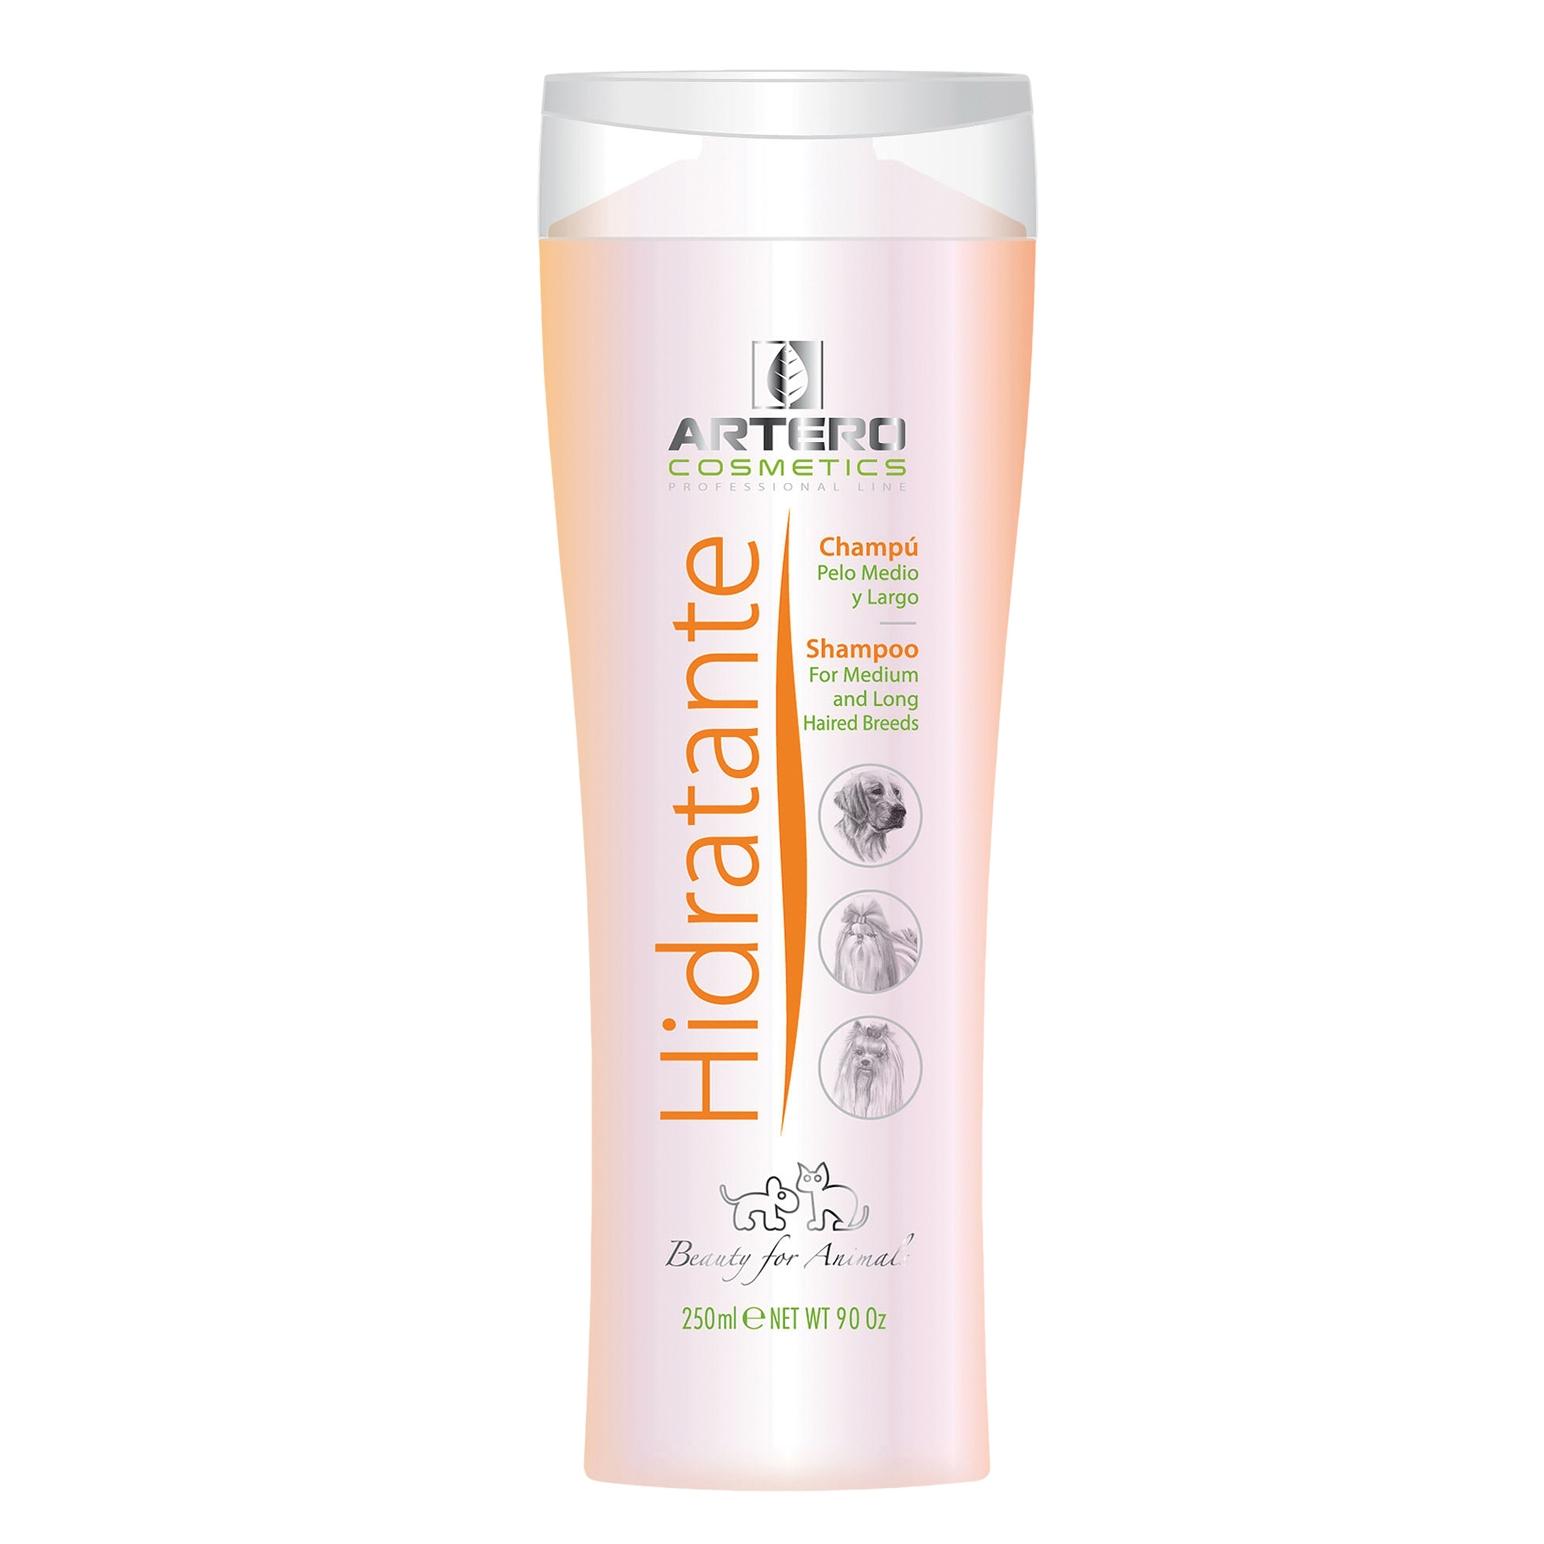 c1065 - Artero Shampoo Hidratante, 250ml